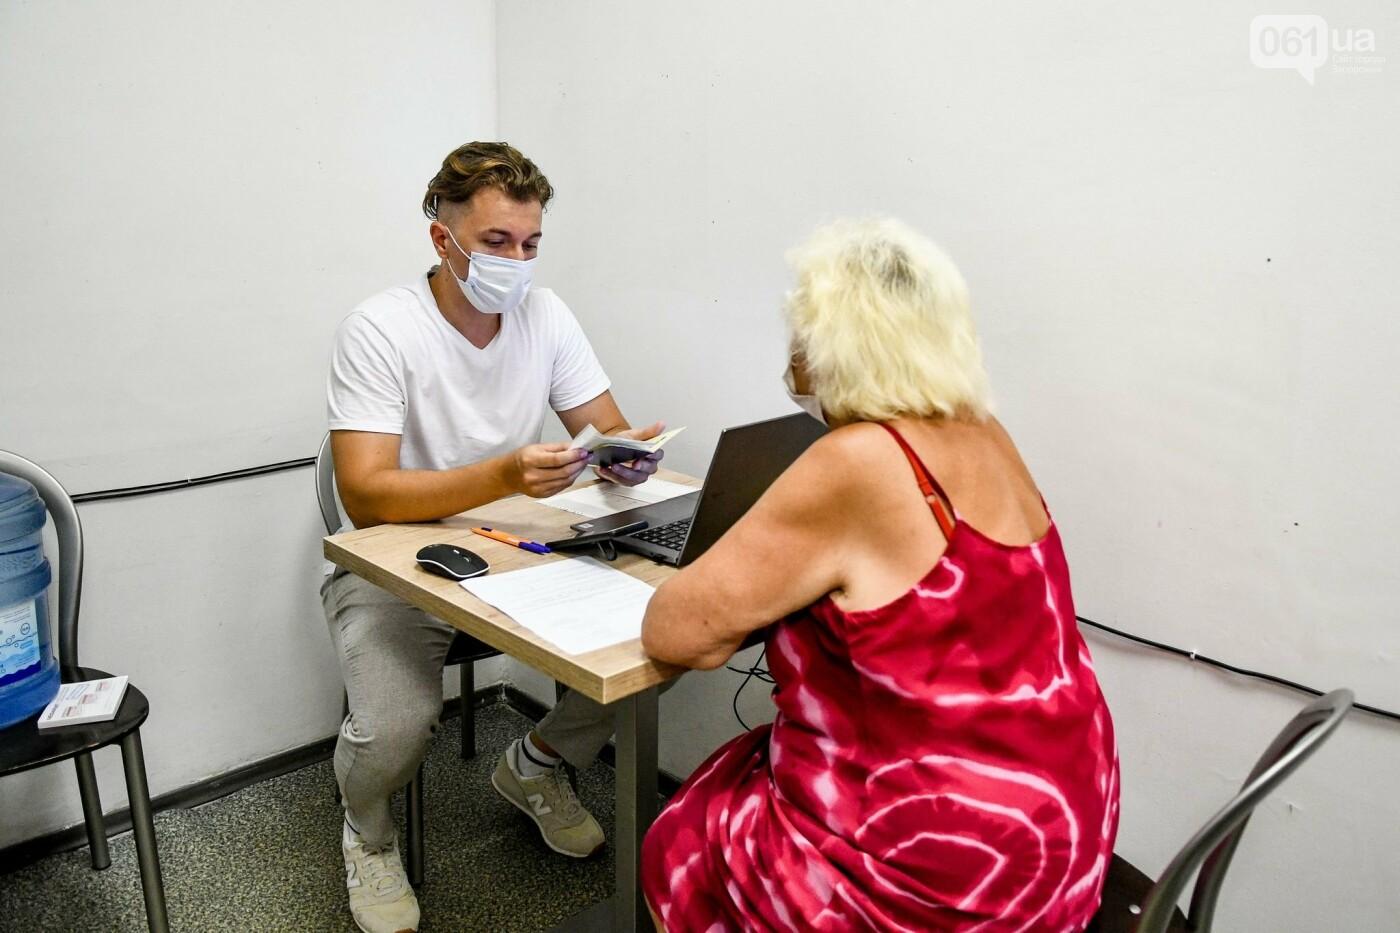 """В Запорожье в """"CITY MALL"""" открылся центр вакцинации: прививают Pfizer, сотни людей стоят в очереди, - ФОТОРЕПОРТАЖ , фото-5"""